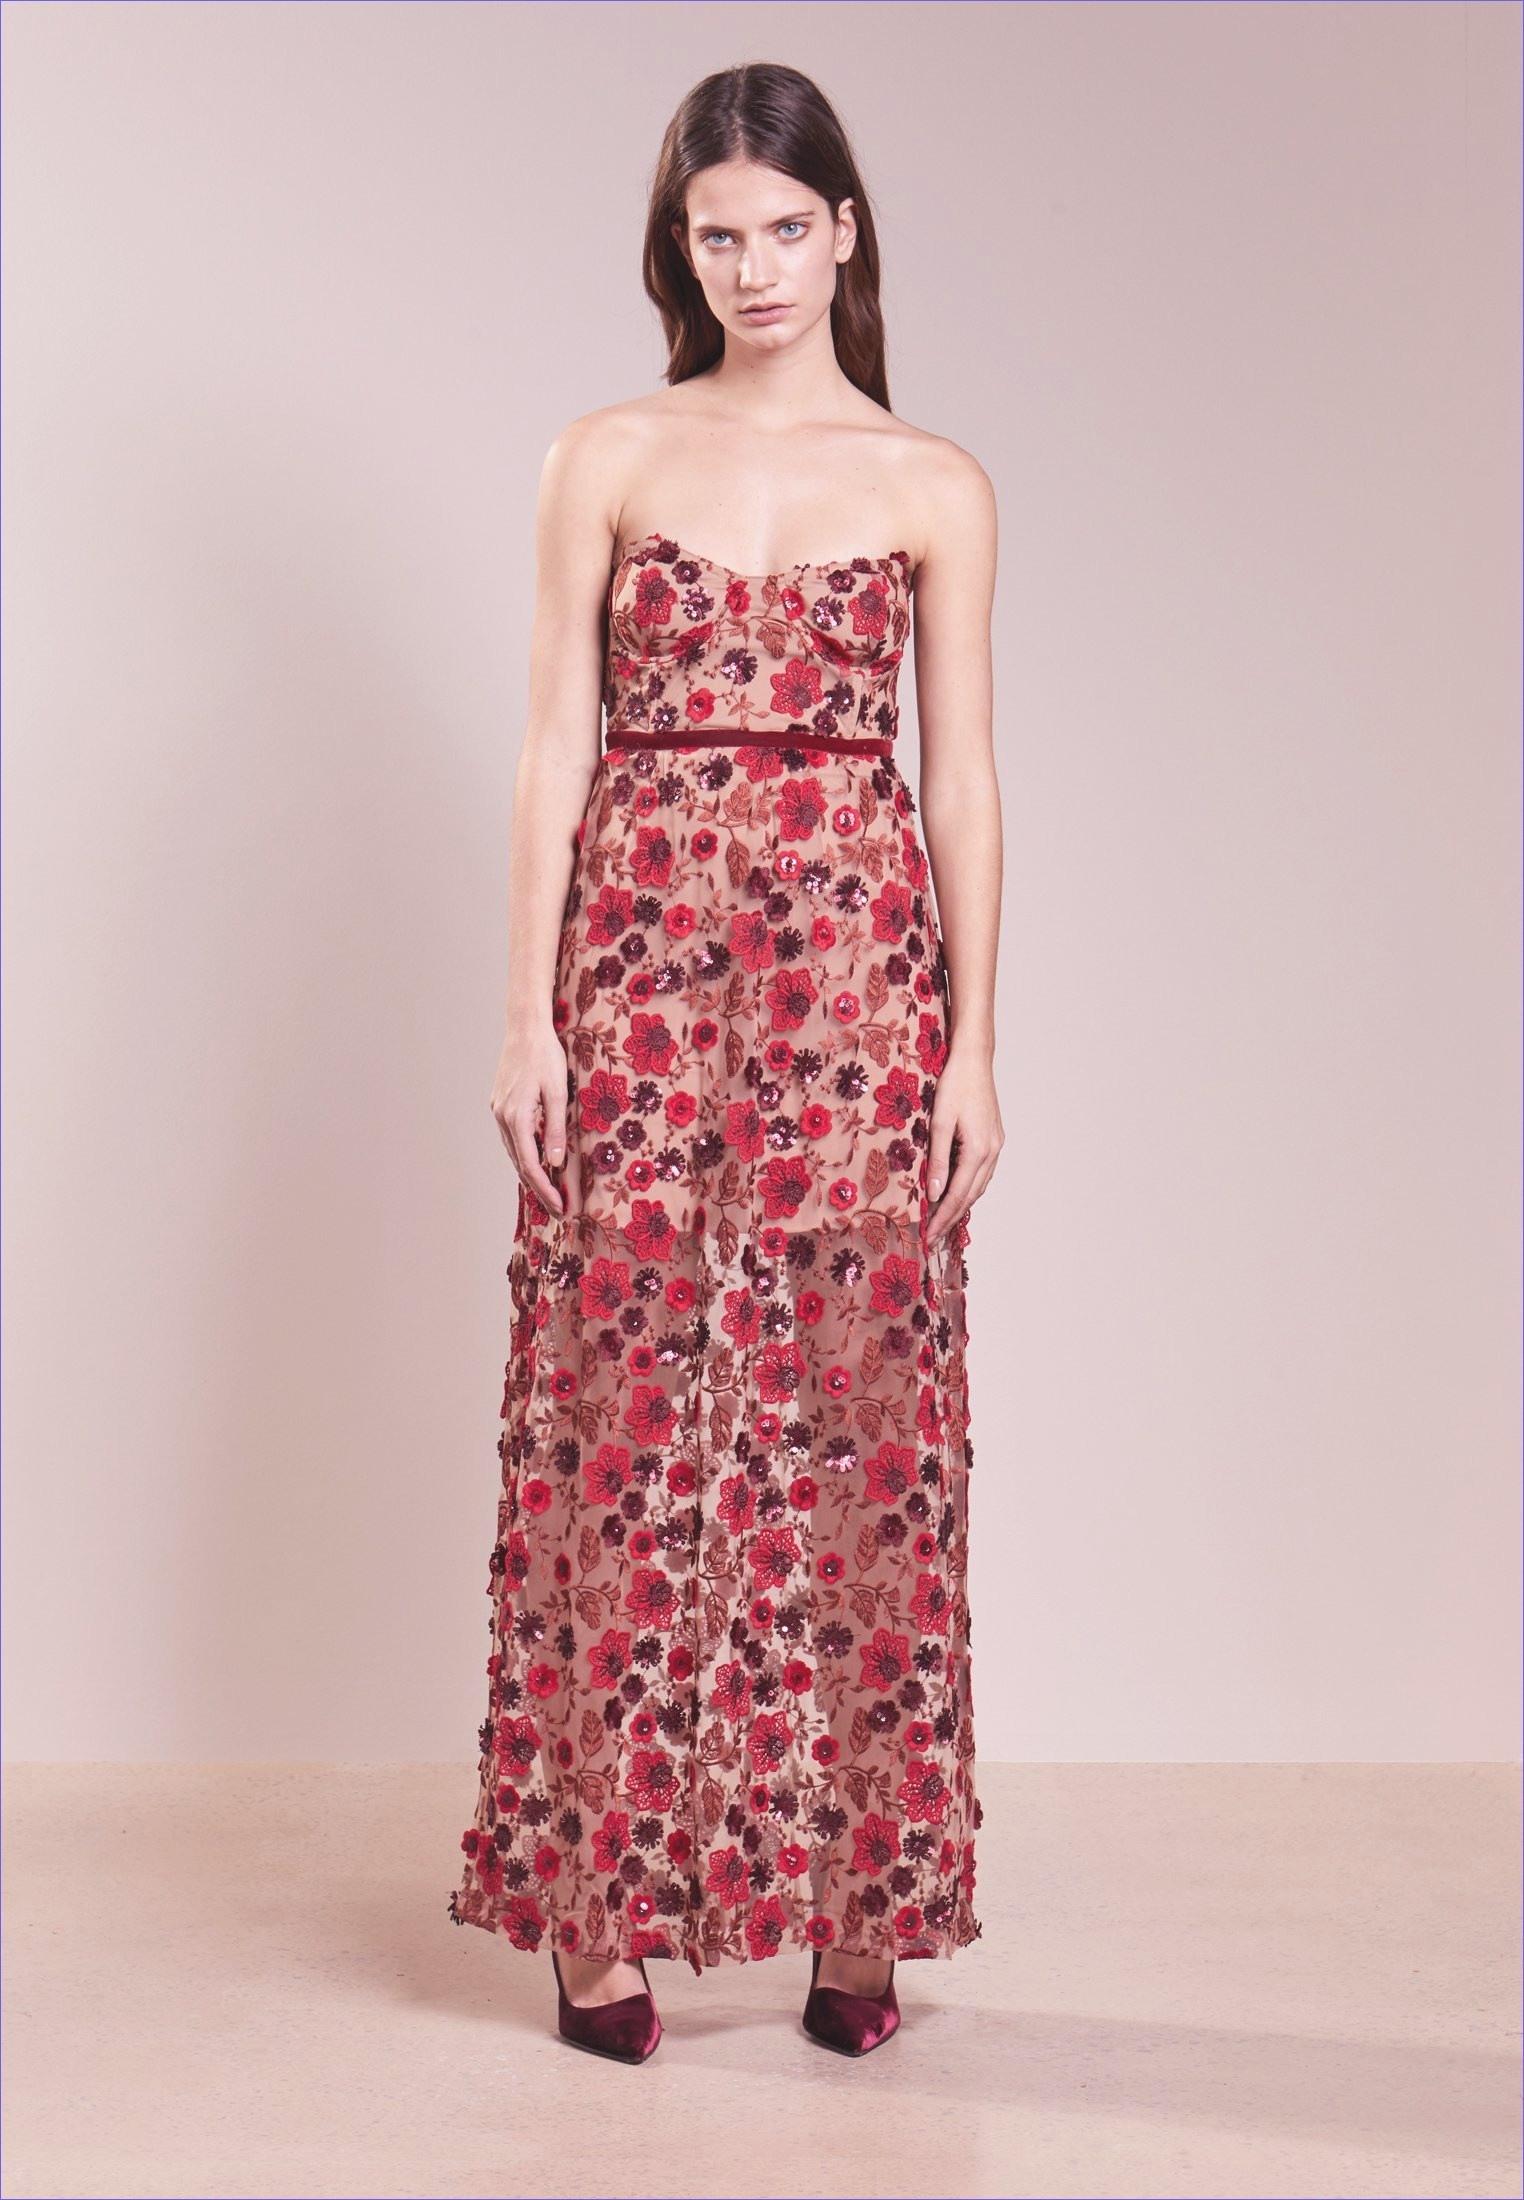 Formal Wunderbar Lange Kleider Hochzeitsgast Stylish10 Erstaunlich Lange Kleider Hochzeitsgast Boutique